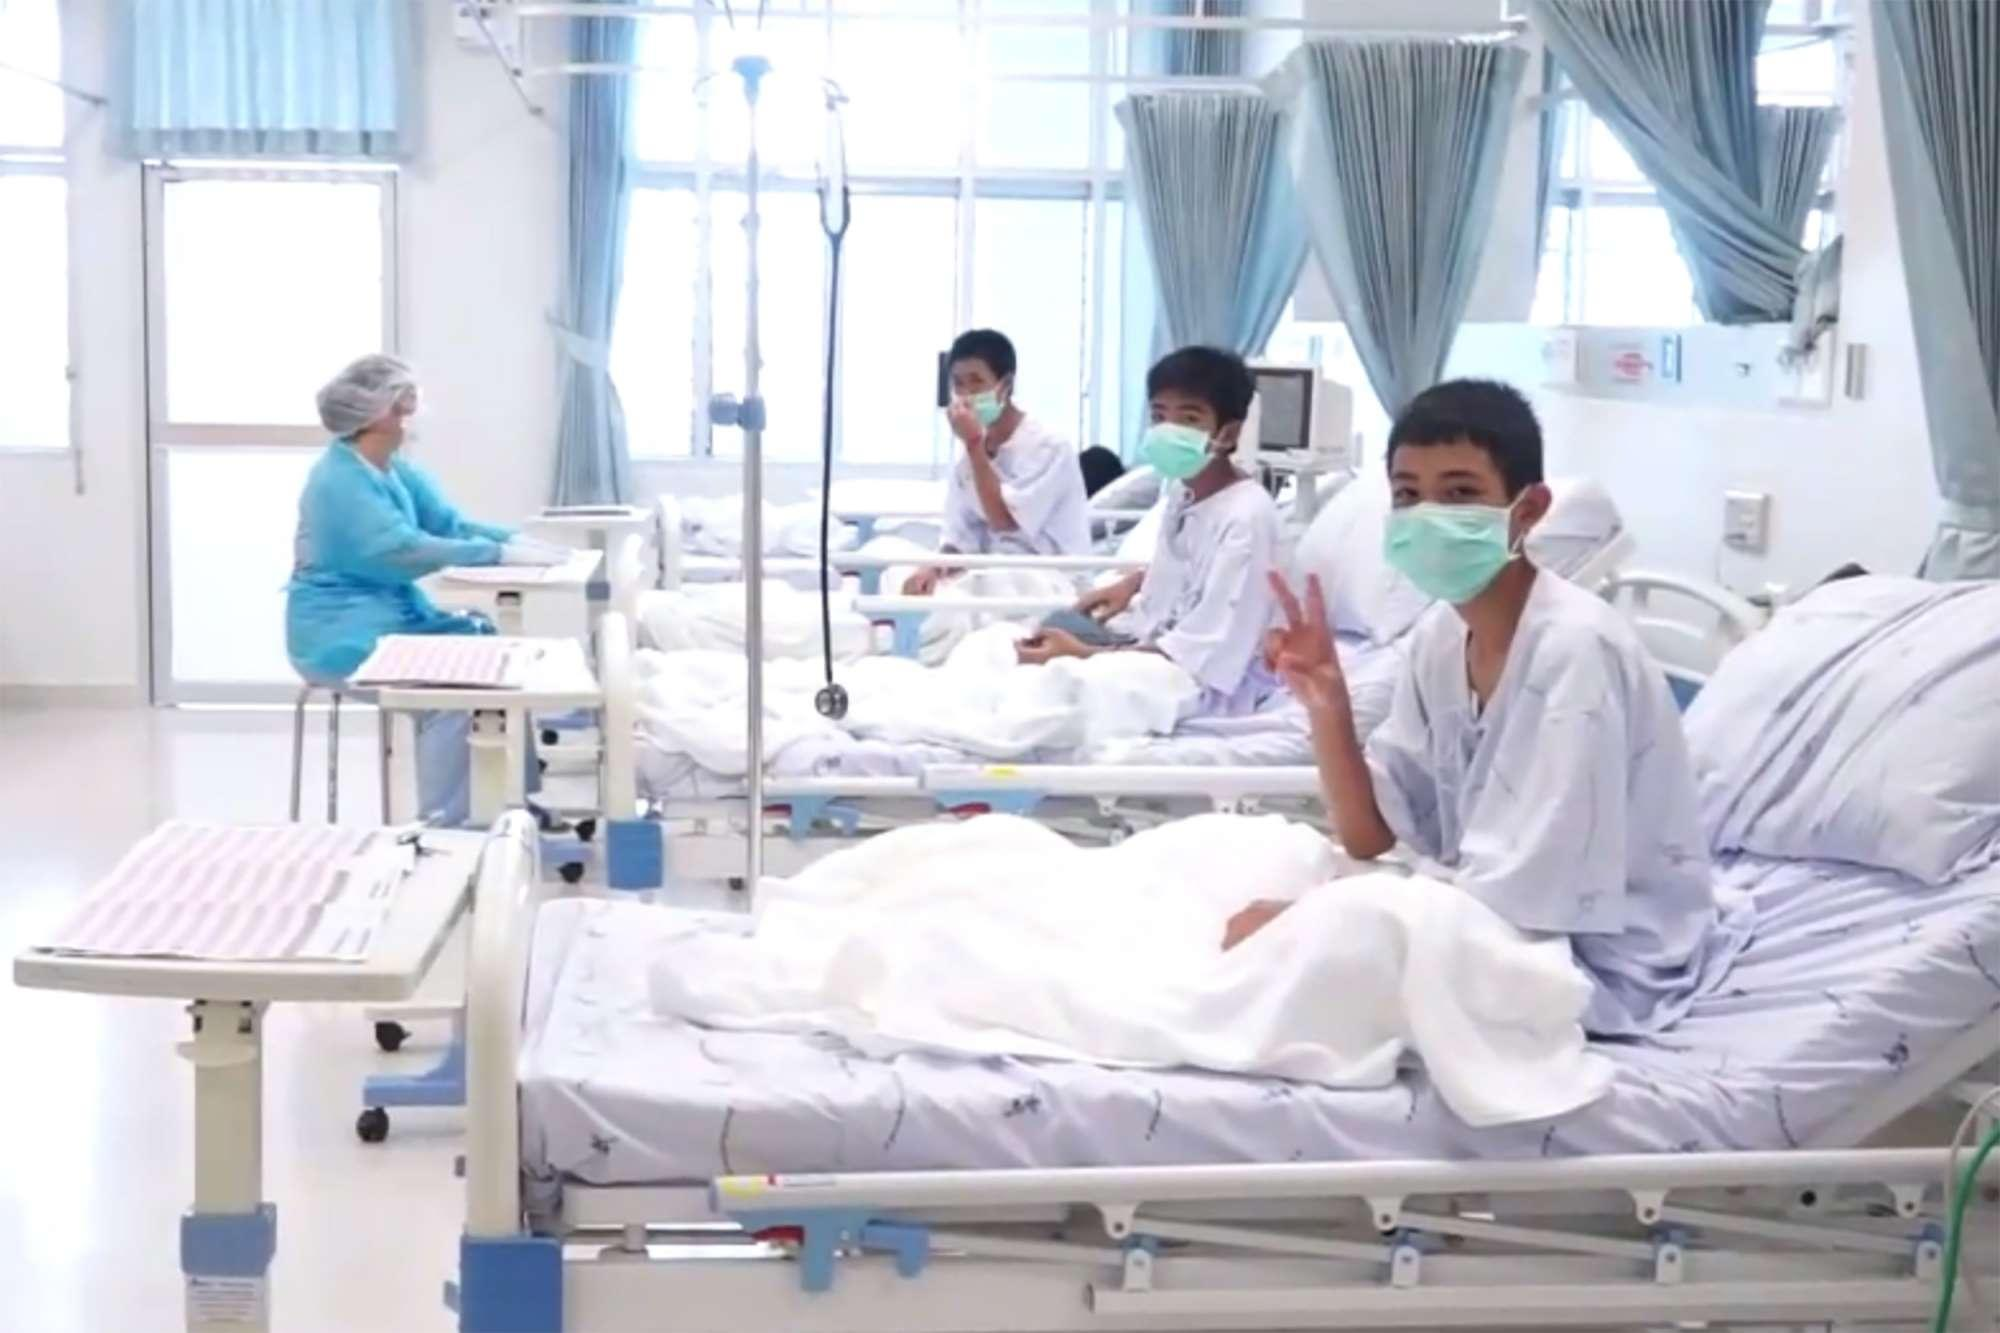 Thailandia, i ragazzi il giorno dopo il salvataggio: le prime foto dall ospedale